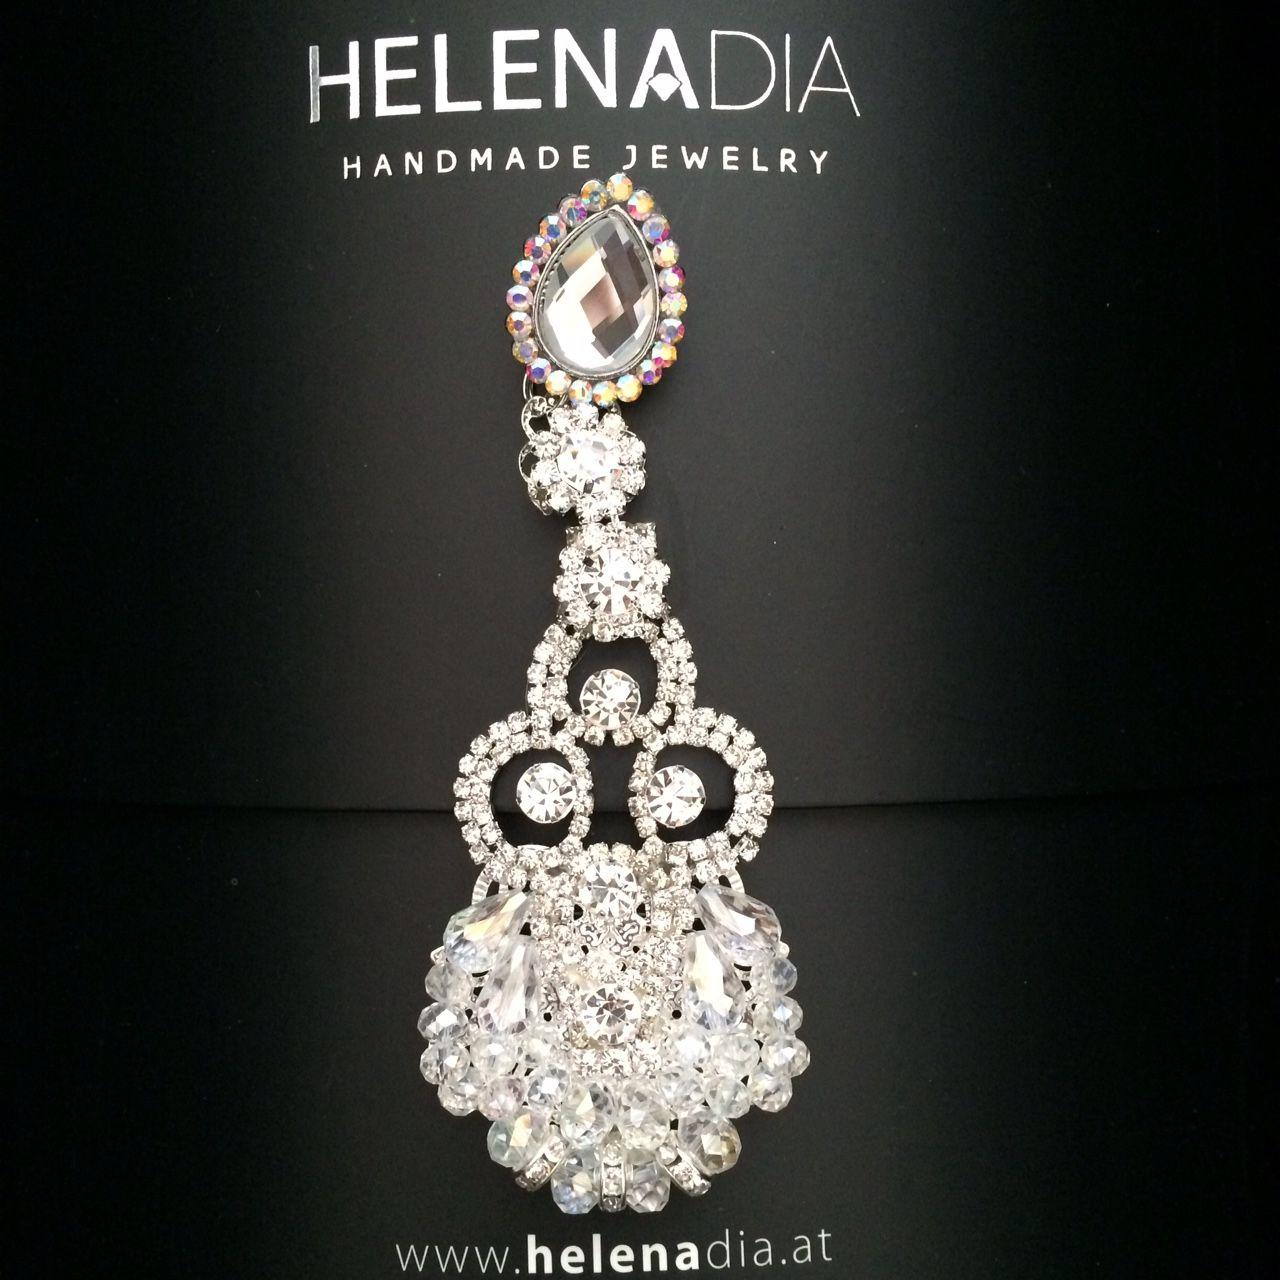 HelenaDia Ohrringe, Quasten Ohrringe, Tassel Earrings, HelenaDia Jewelry, Earrings, Wedding, Hochzeit, Brautschmuck, Brautkleid, Weddingdress